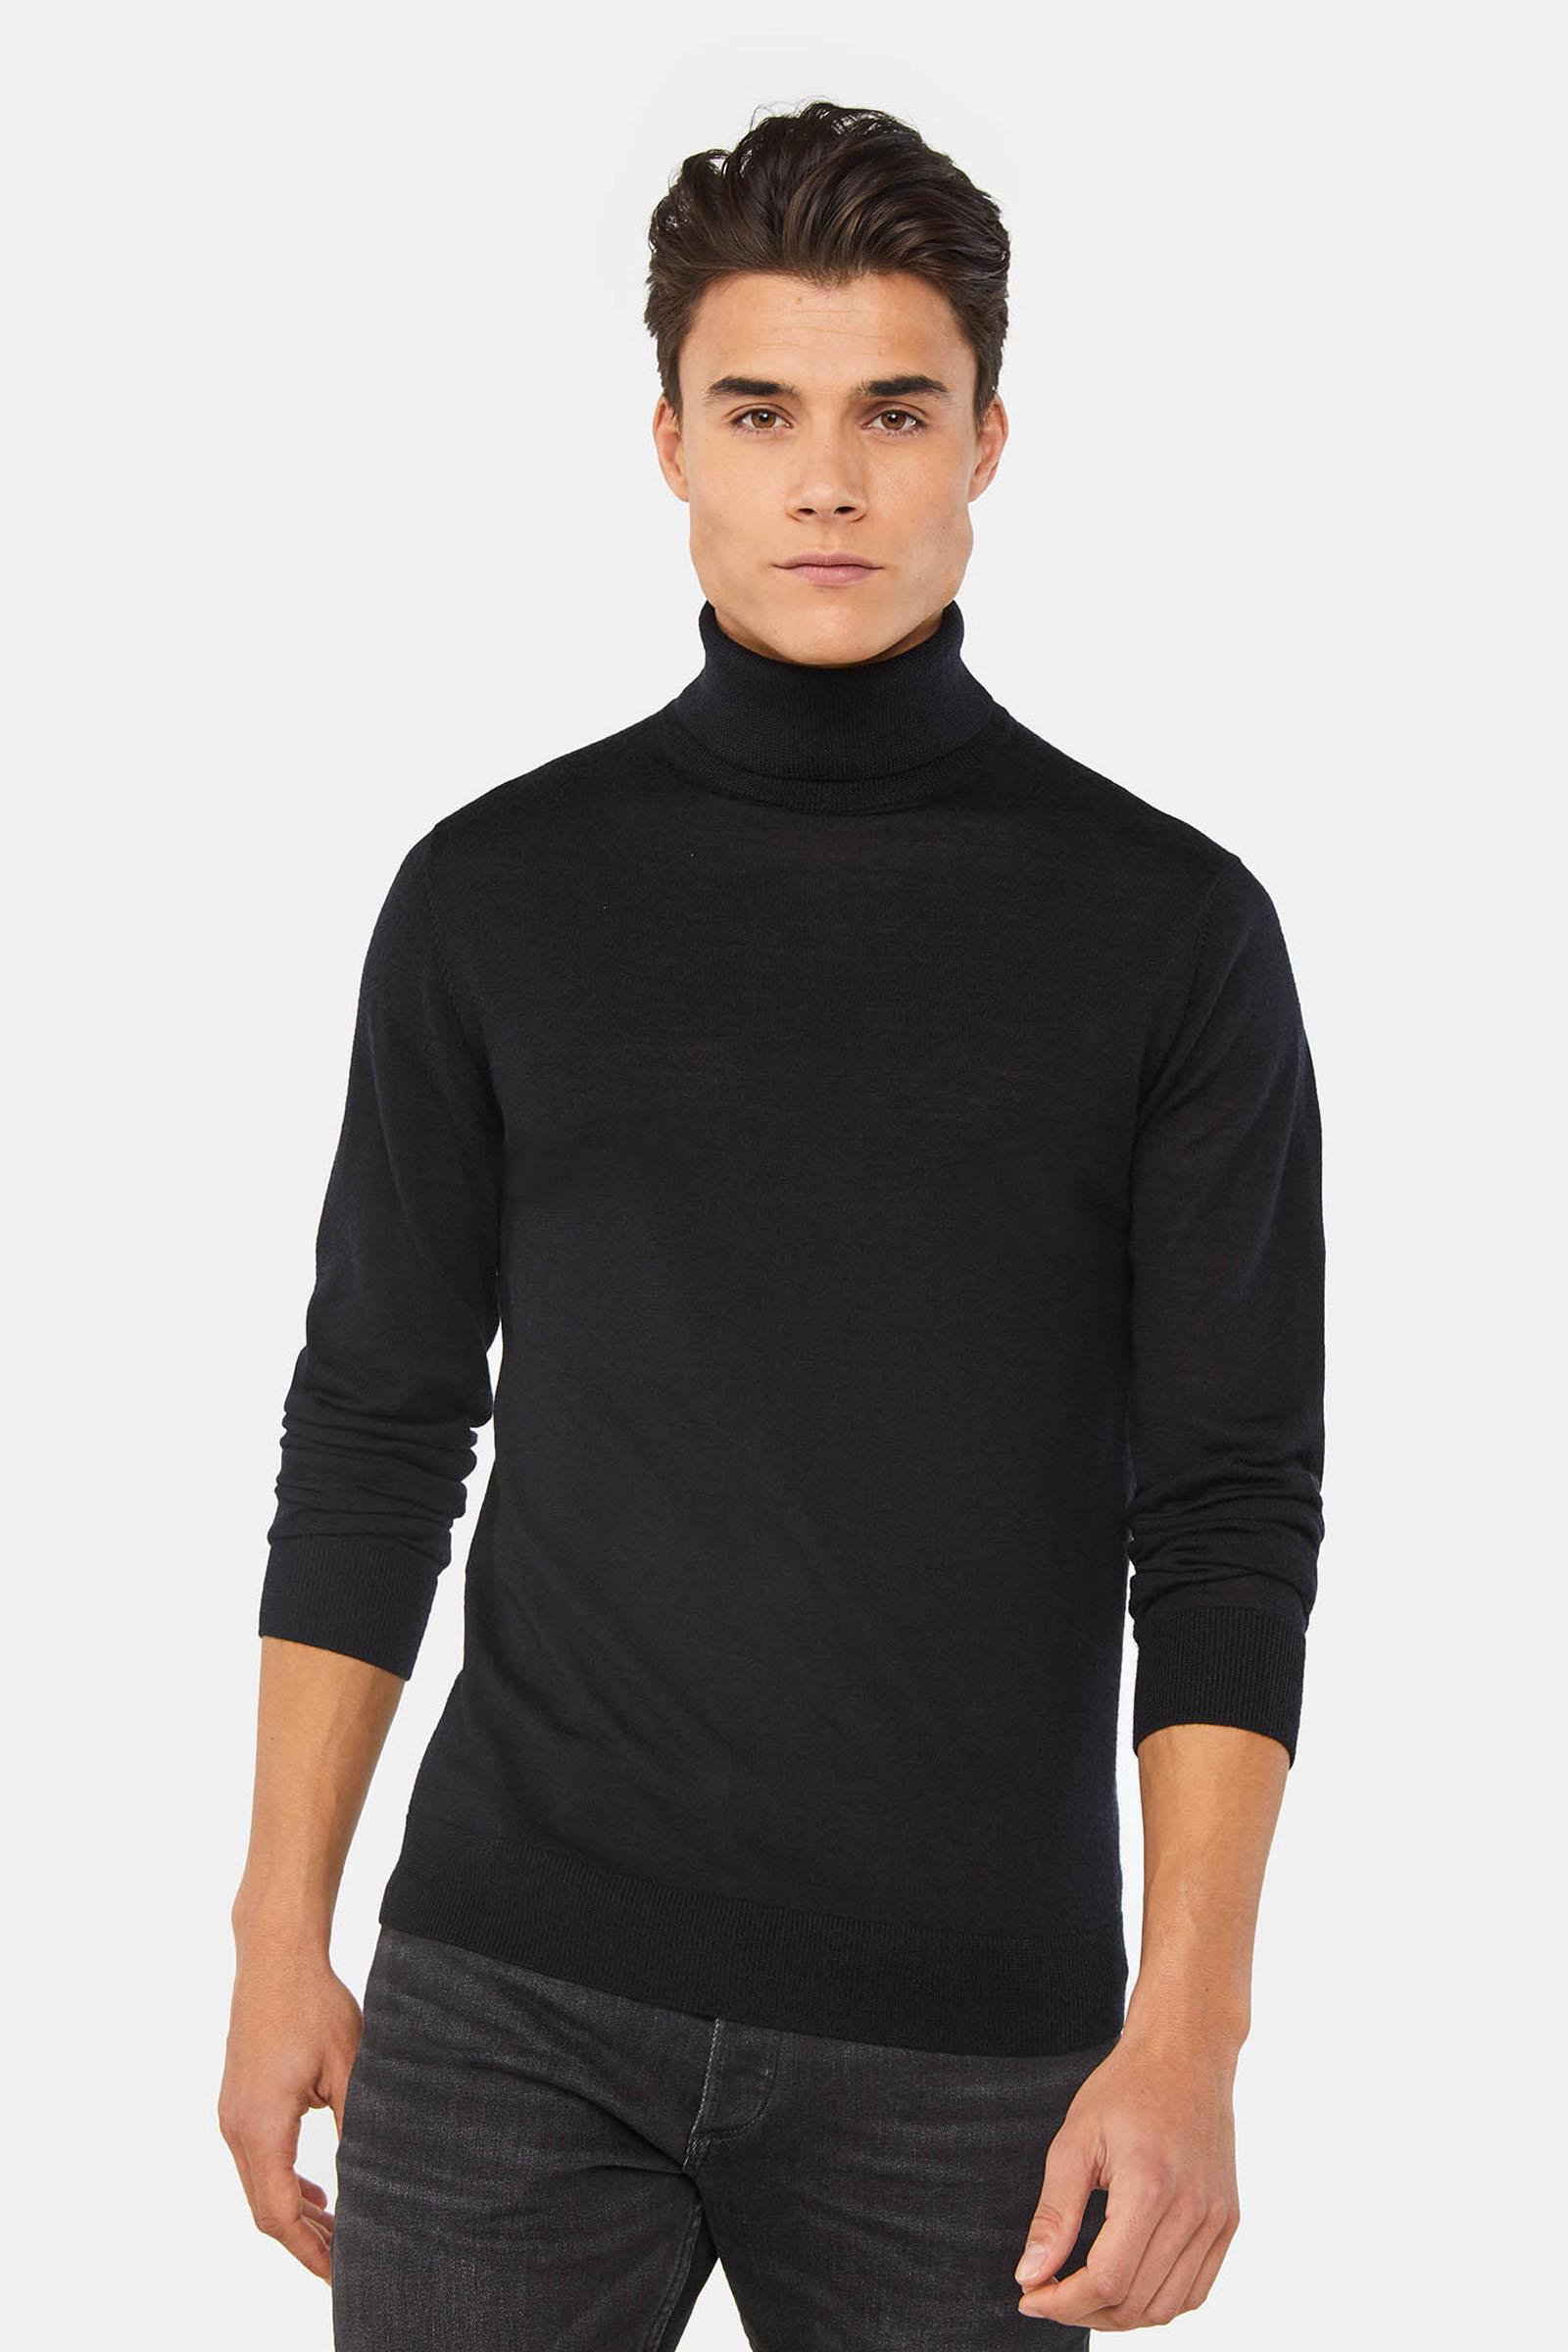 Herren Rollkragenpullover aus Merinowolle | 94996098 WE Fashion